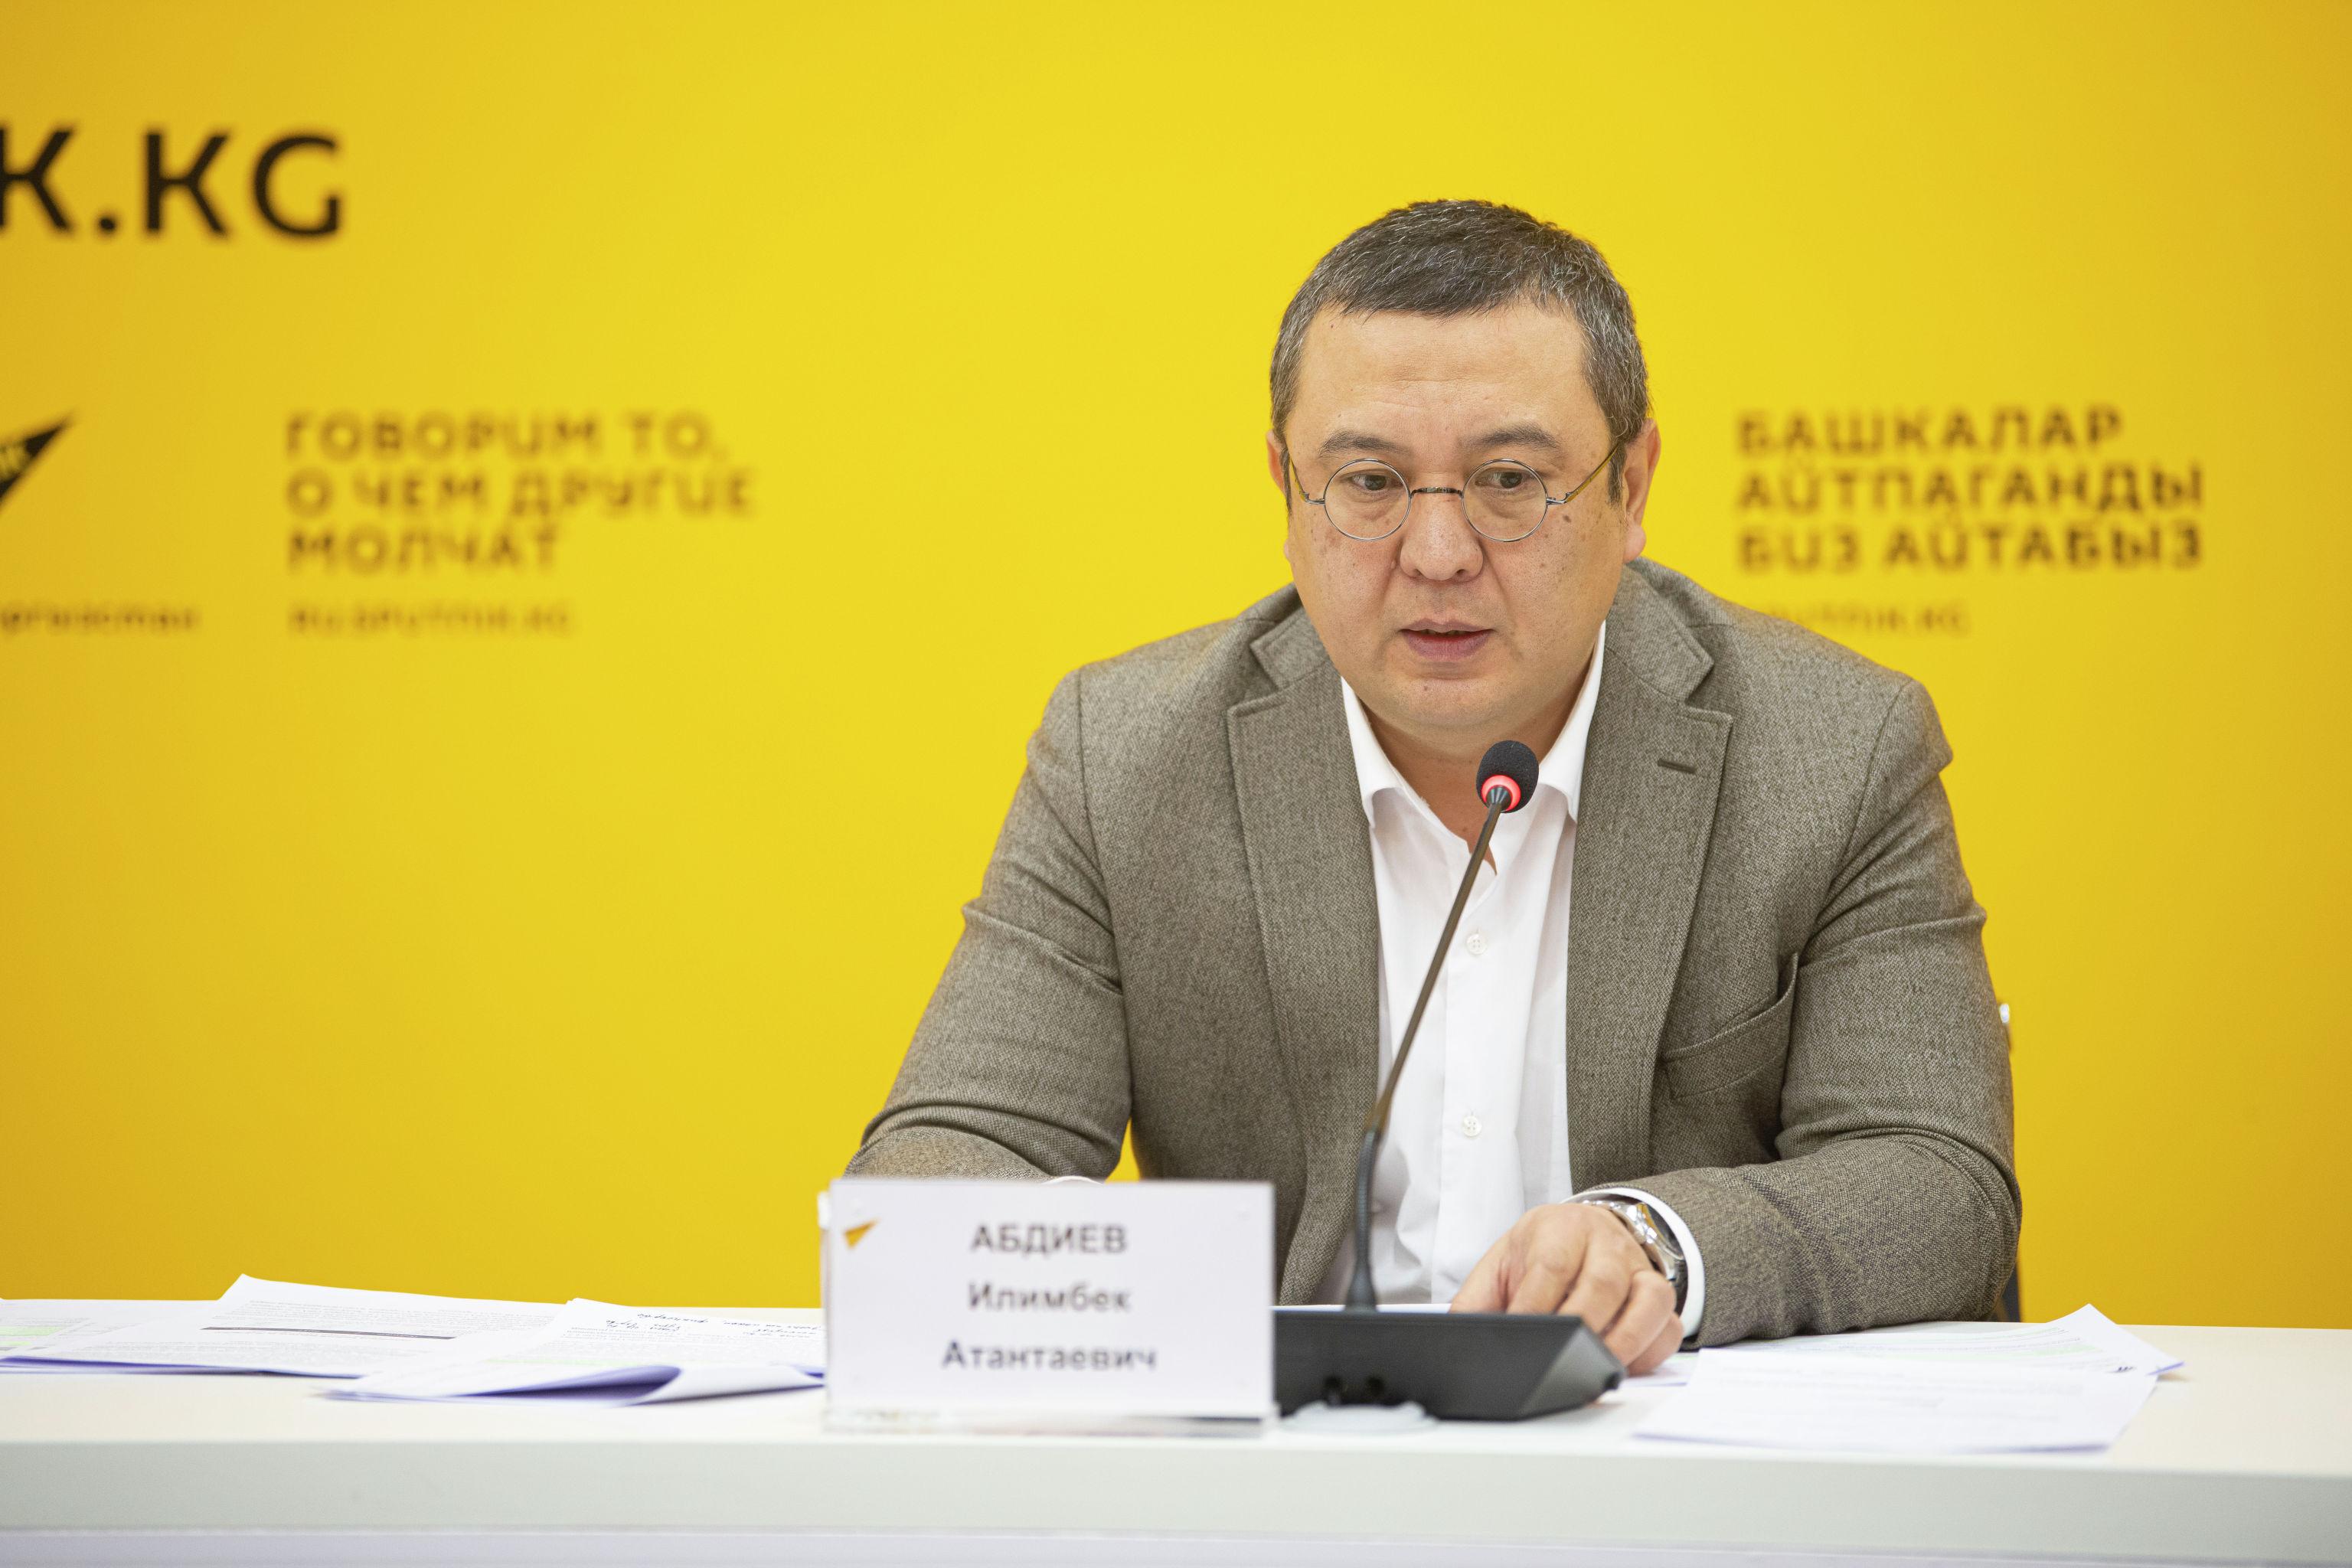 Завотделом развития инвестиционного потенциала Агентства по продвижению и защите инвестиций Илимбек Абдиев на брифинге в пресс-центре Sputnik Кыргызстан